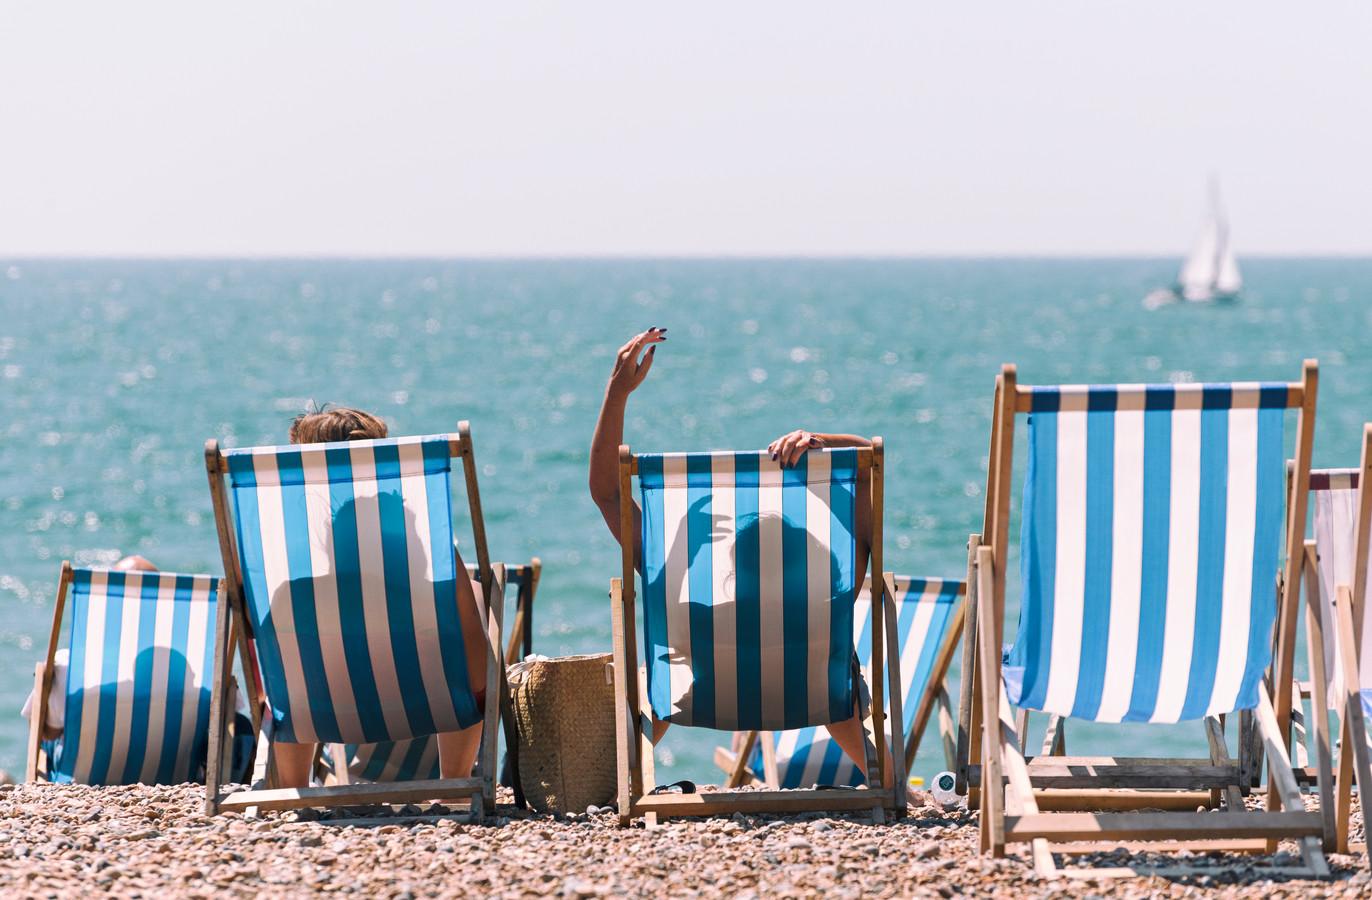 Ook op vakantie kun je in beweging komen.